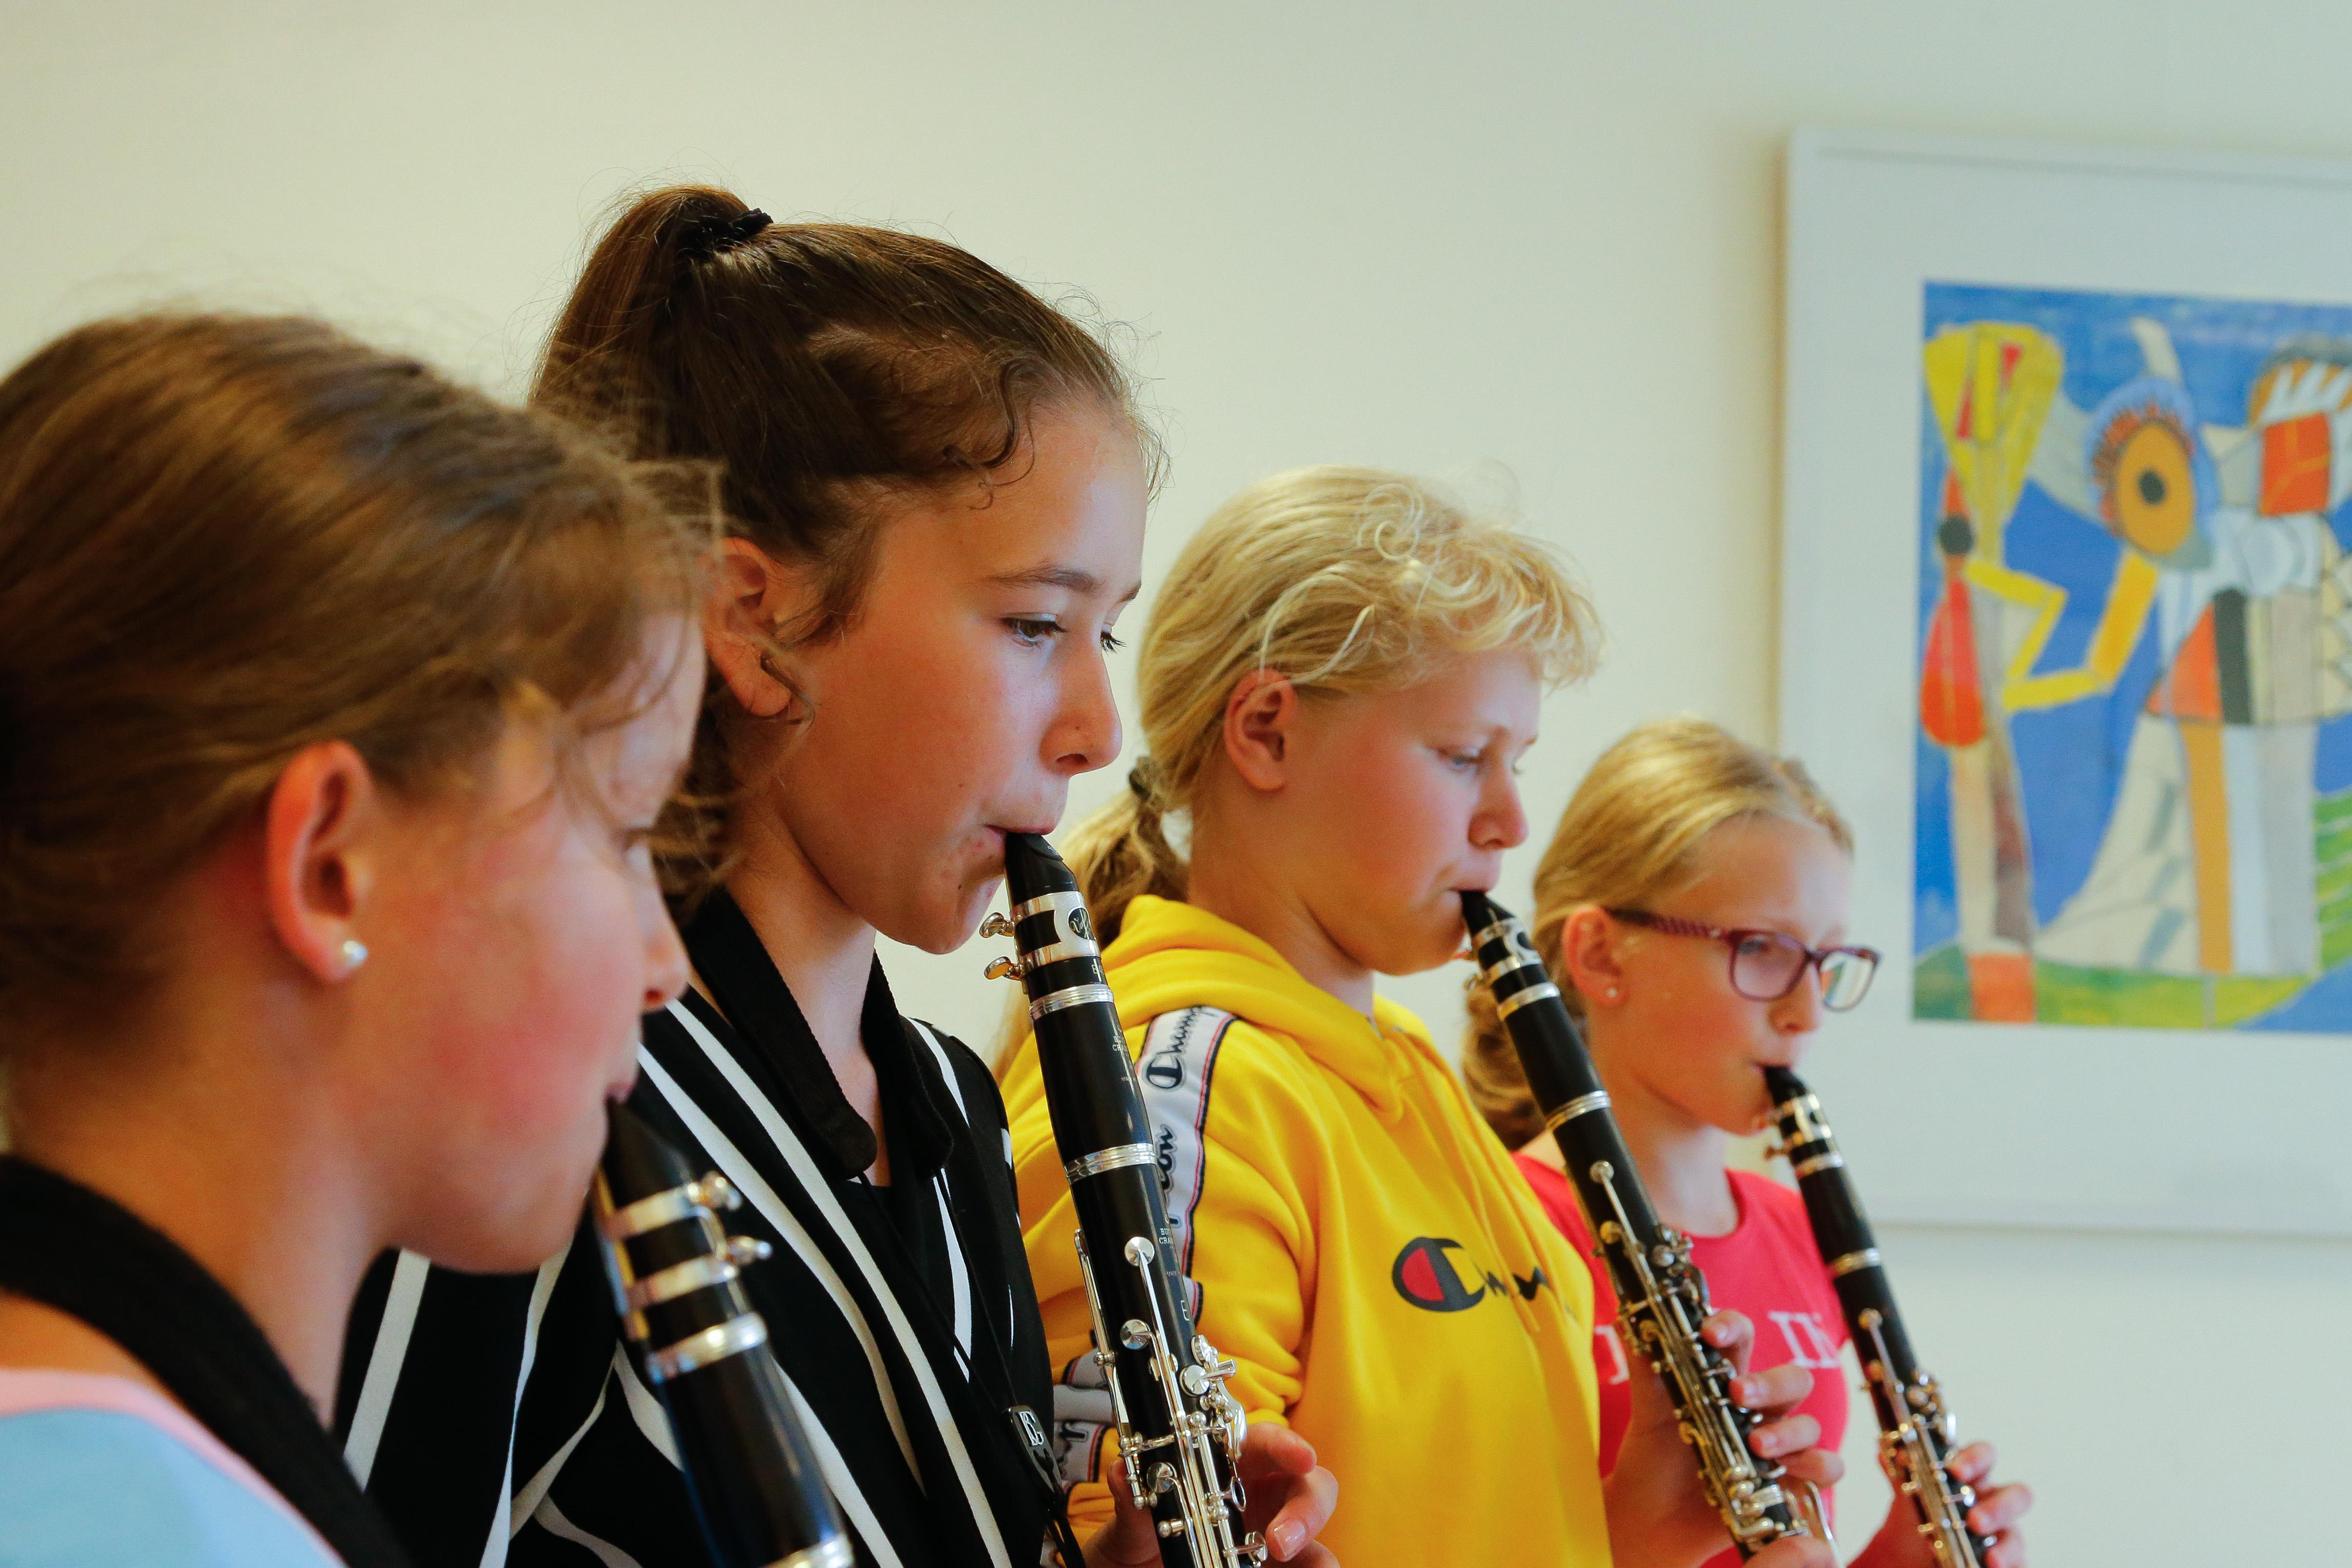 Politiek over muziekscholen Medemblik en Stede Broec: 'Wel subsidie, maar niet automatisch'